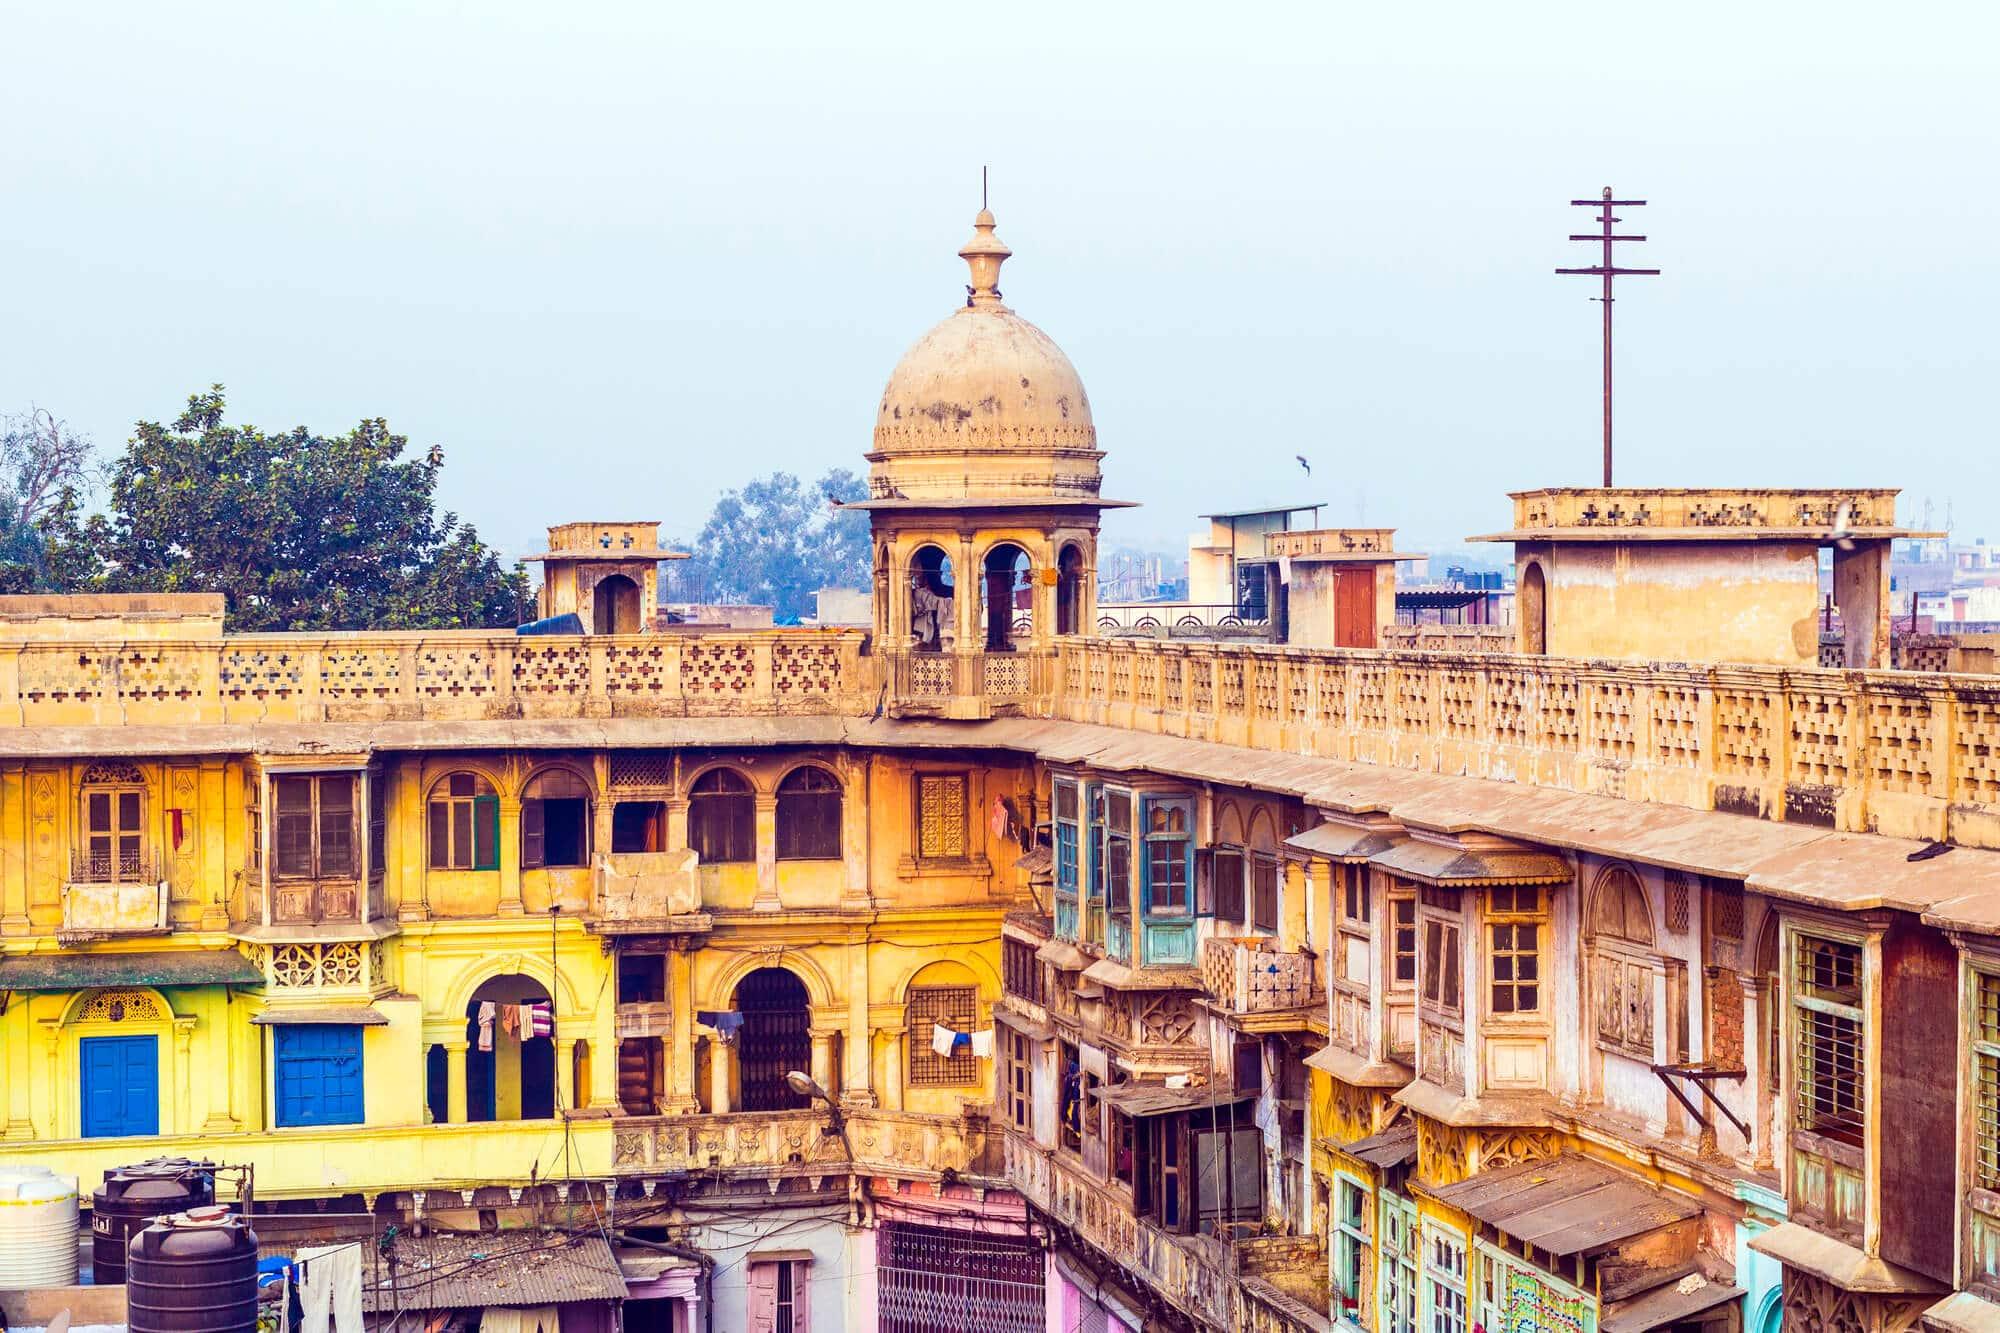 A first timer's guide to Delhi, India - Old Delhi Spice Market (Khari Baoli)